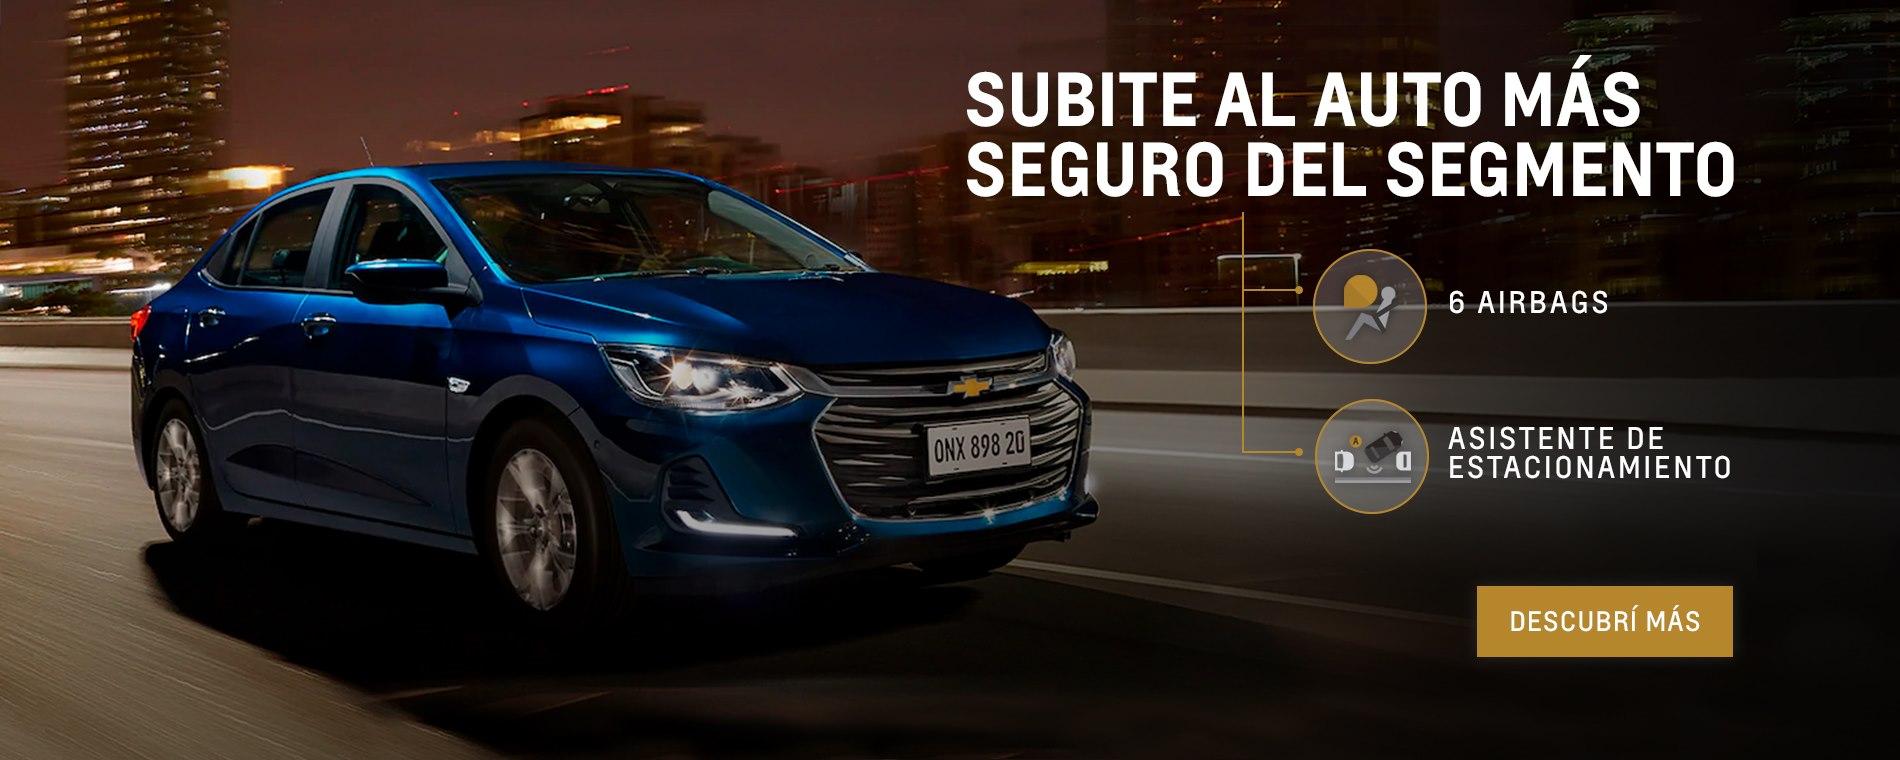 Chevrolet Onix Plus  0km en concesionario oficial Chevrolet de Villa del Parque, Villa Devoto, Agronomía y Ciudadela